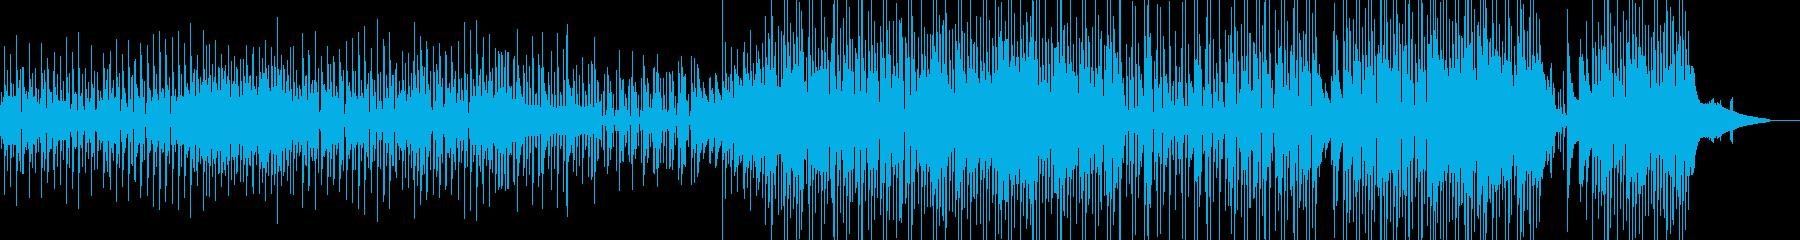 ウクレレ・後半賑やか 日常作品に Bの再生済みの波形